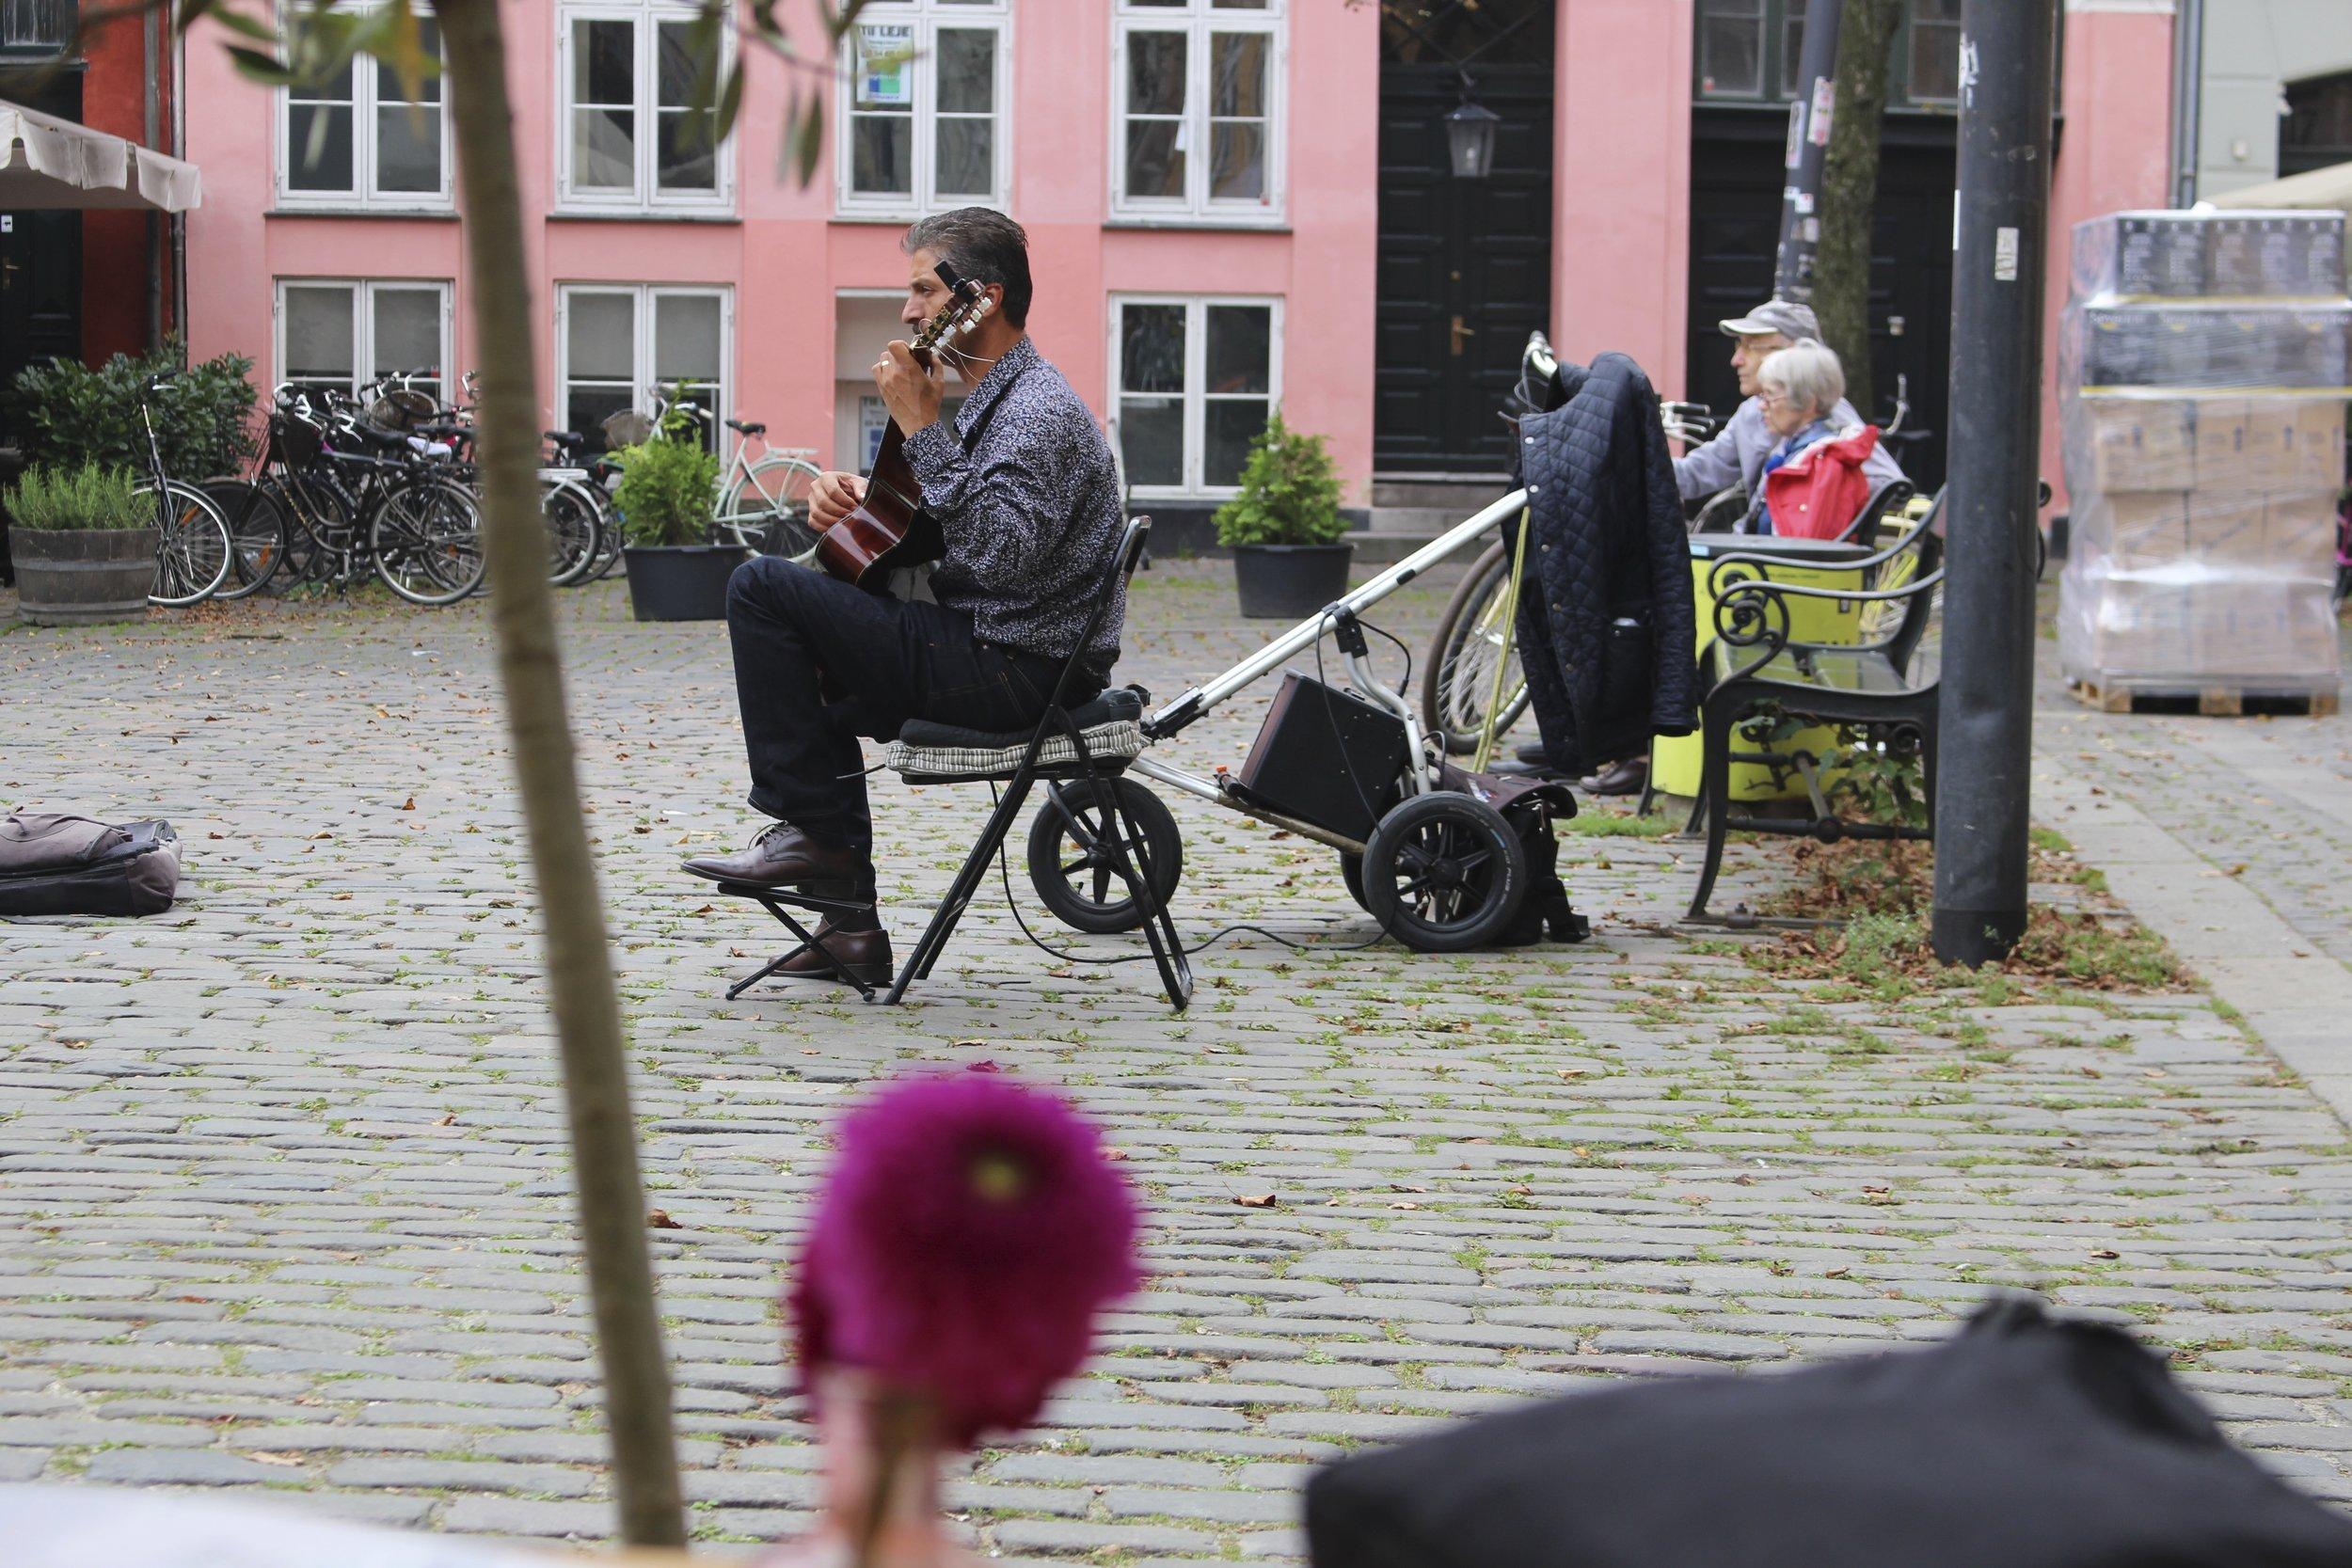 Sur une place à Copenhague :)